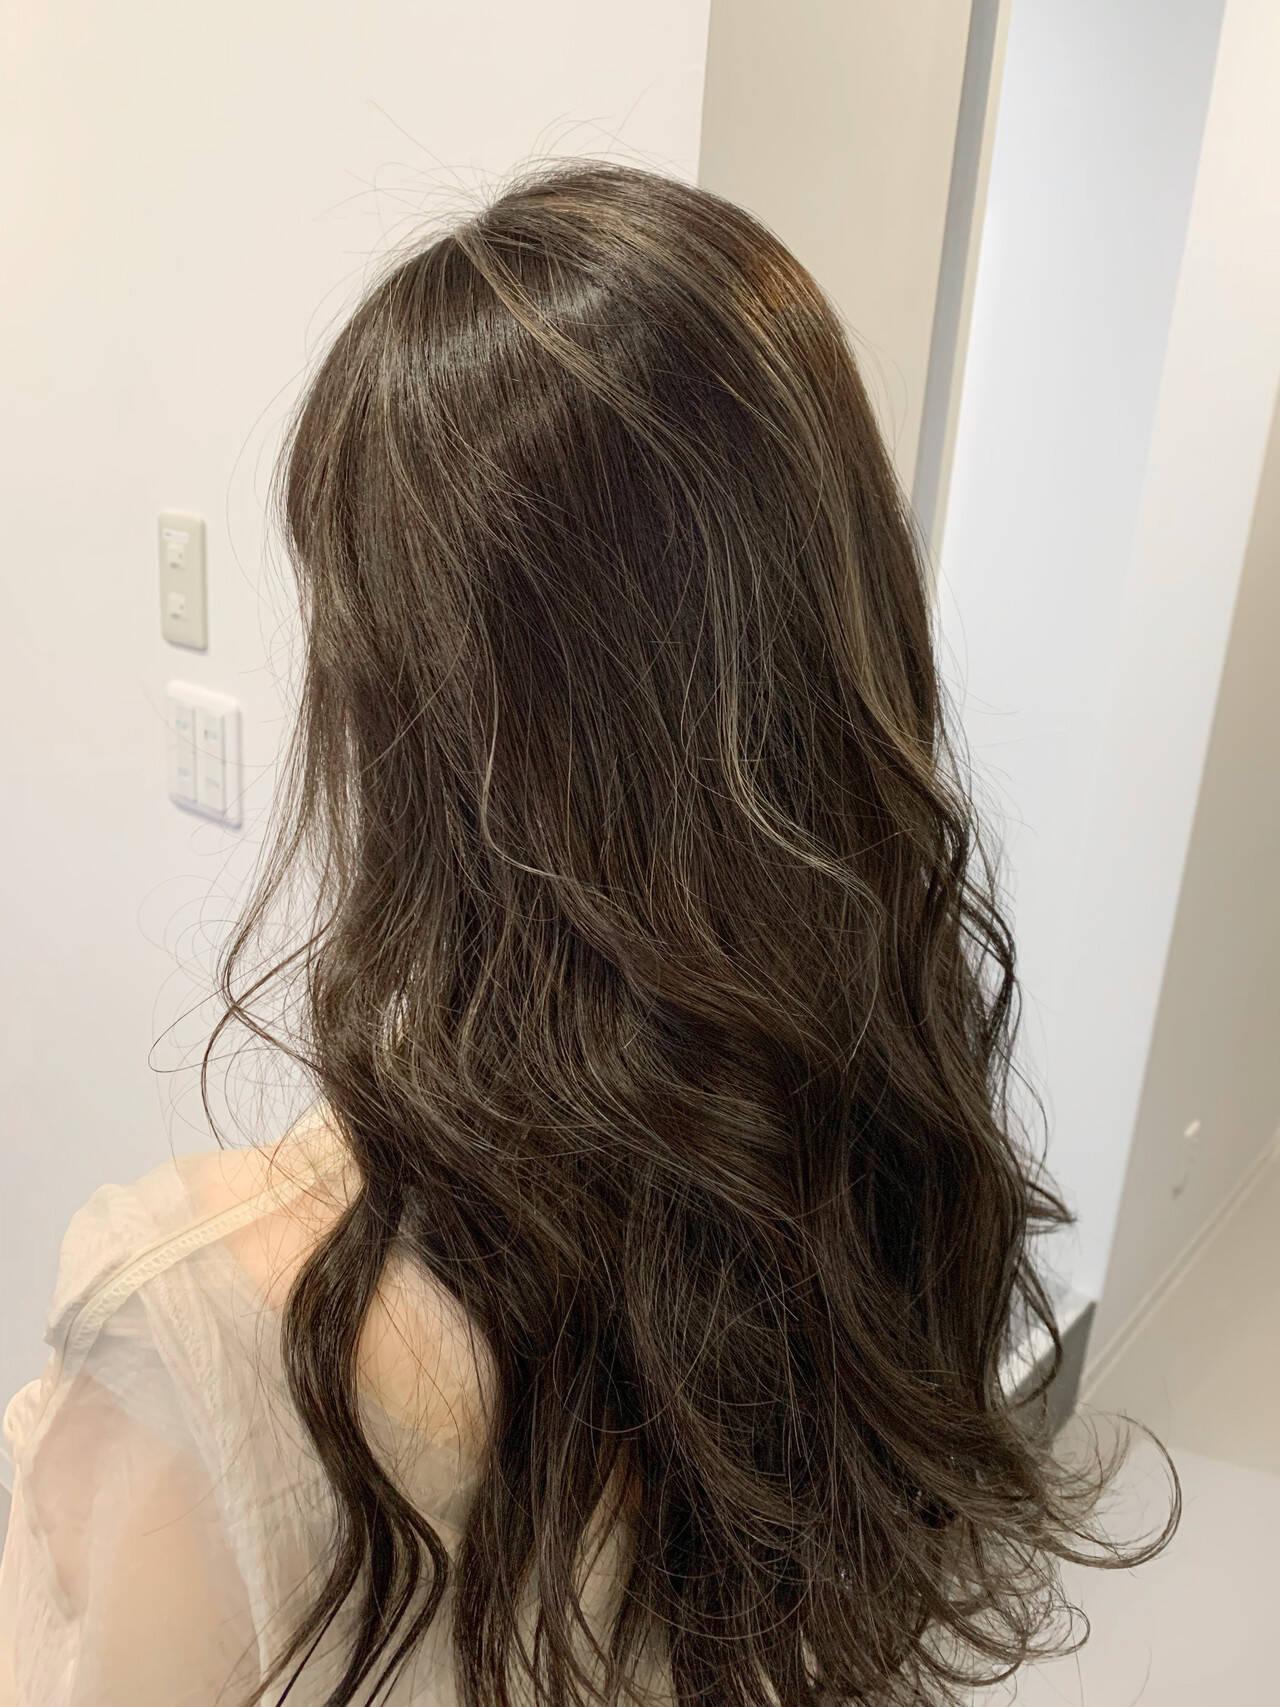 グレージュ ミルクティーベージュ ハイライト ガーリーヘアスタイルや髪型の写真・画像